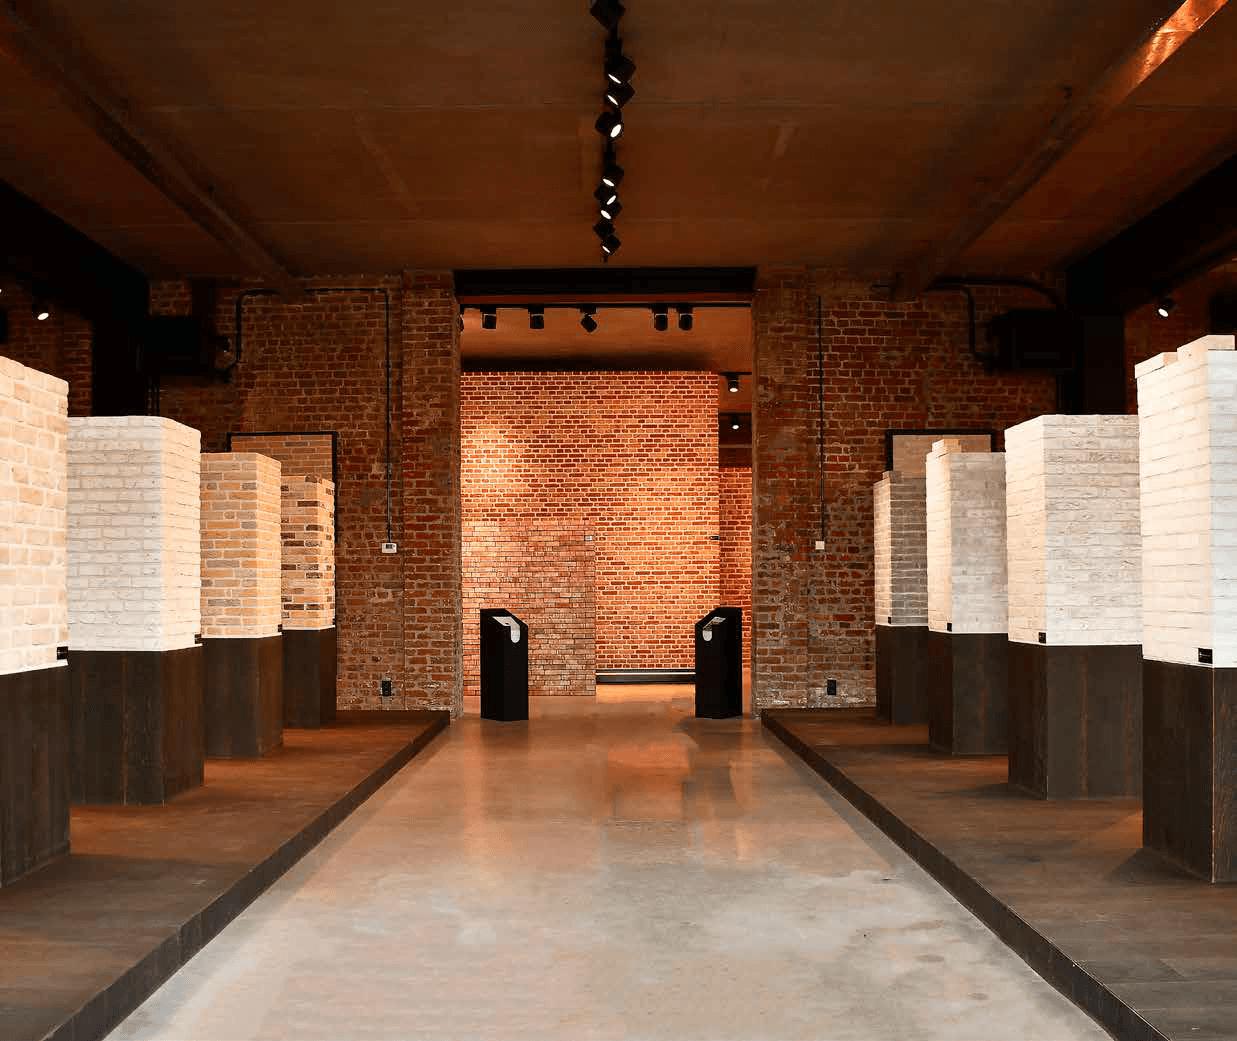 De toonzaal van Olivier Bricks in Kortrijk is uniek, zeker een bezoekje waard!